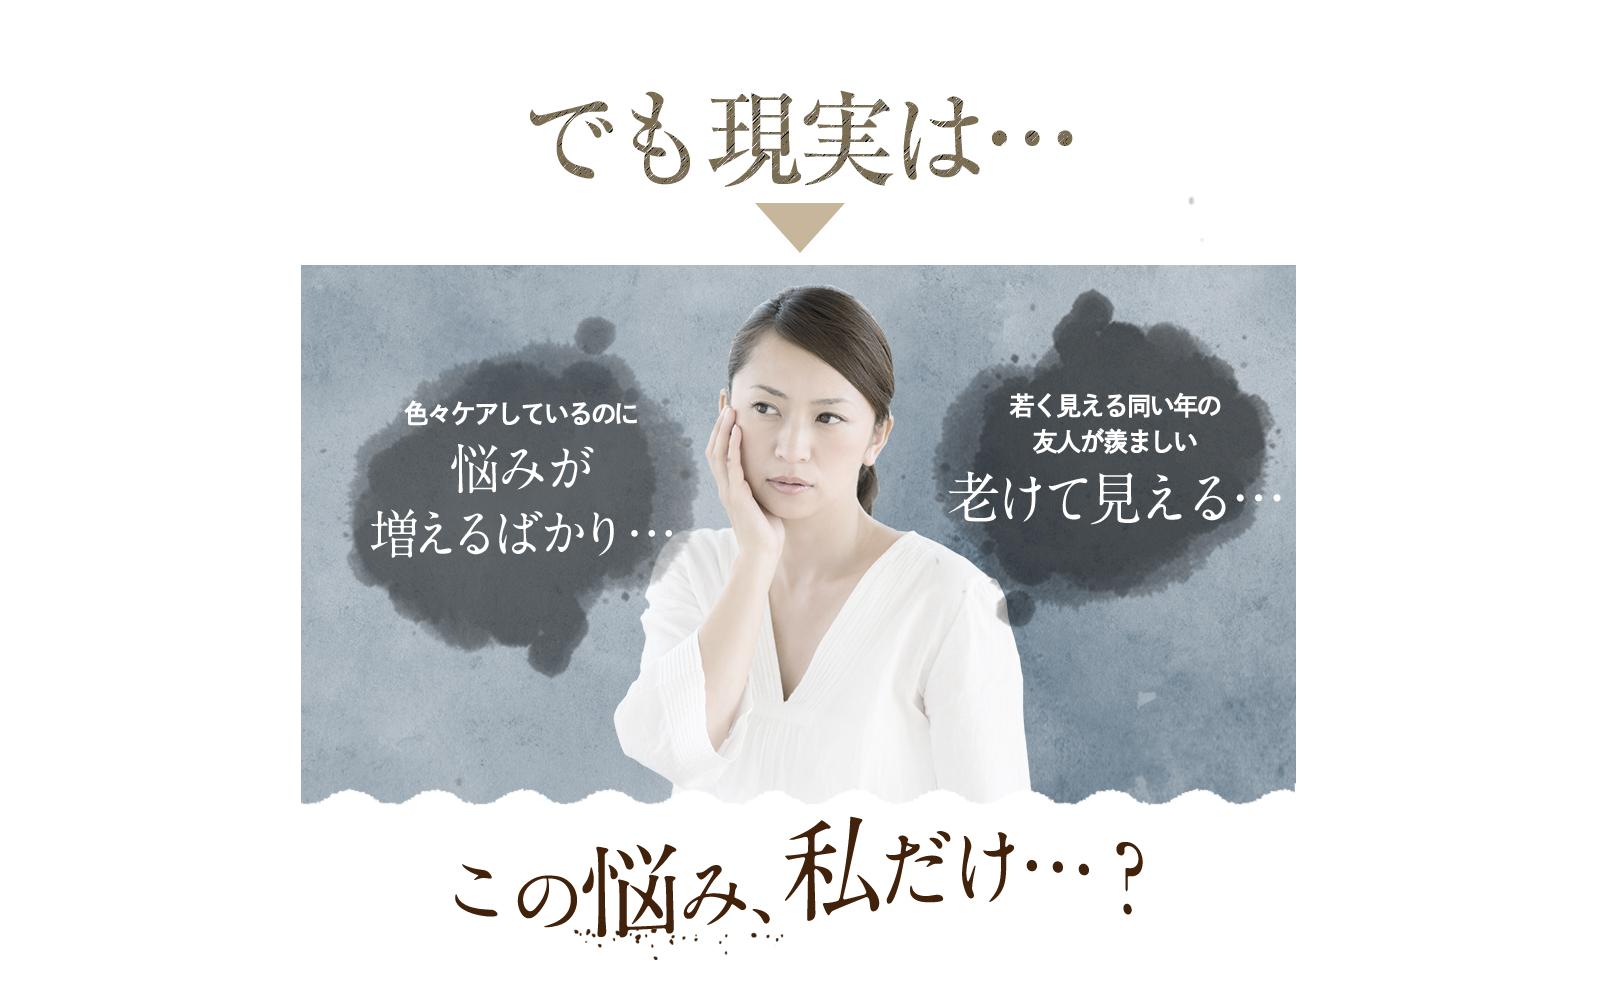 プラセンタサプリ販売用ランディングページ(LP)デザイン・制作事例04